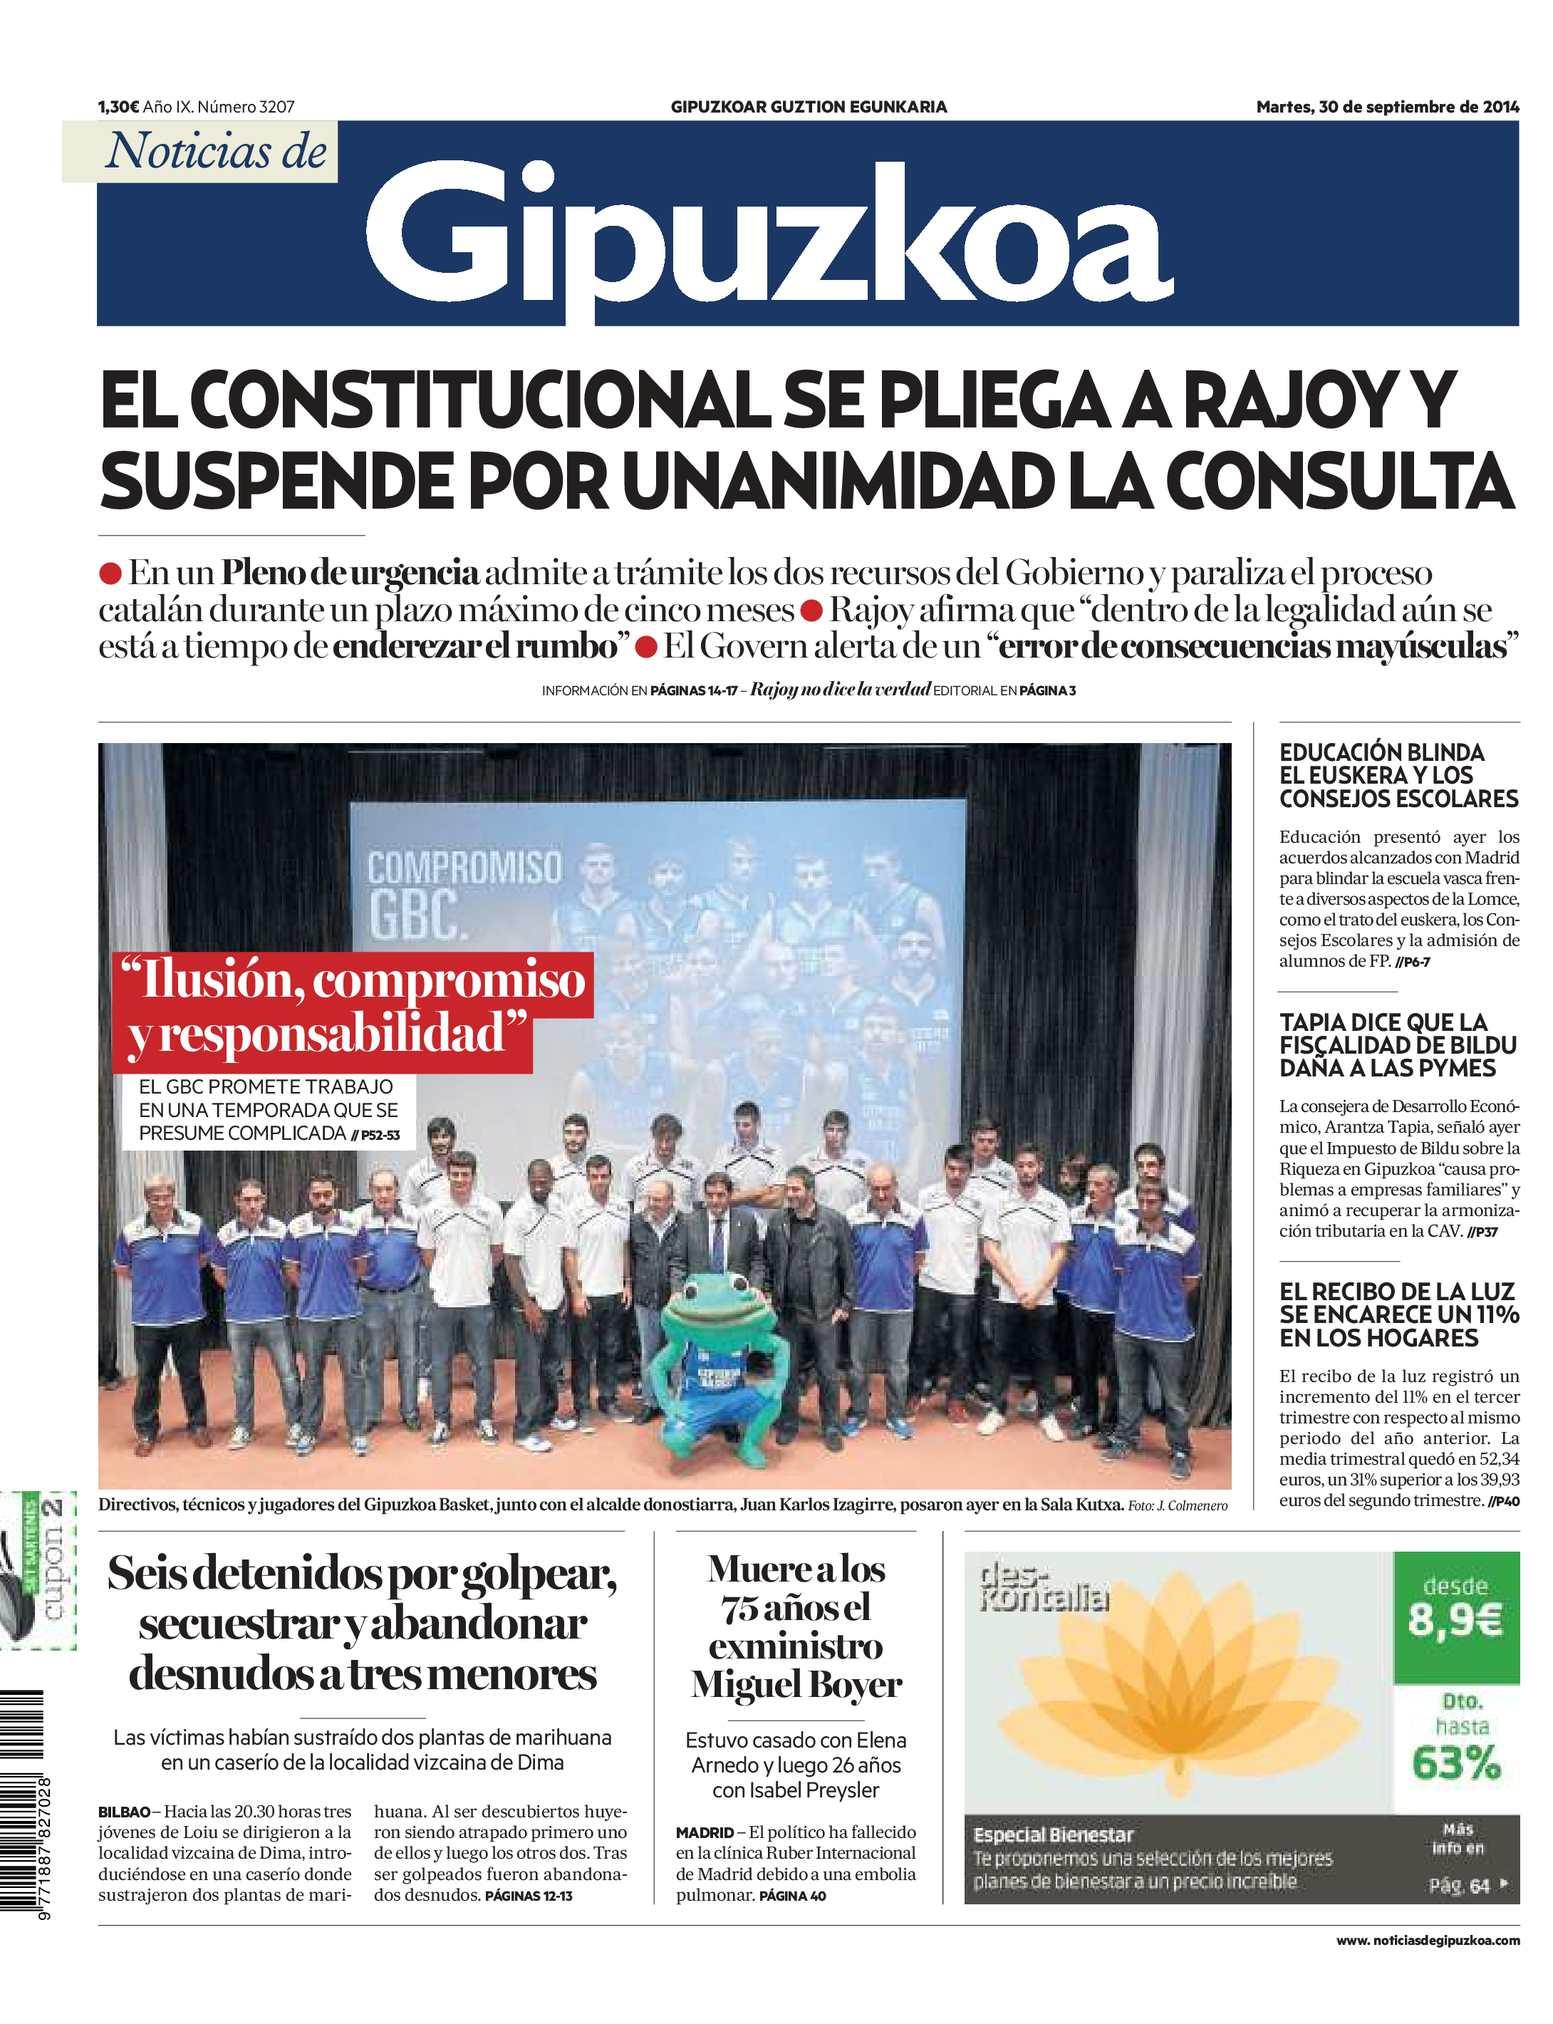 102c614b18 Calaméo - Noticias de Gipuzkoa 20140930